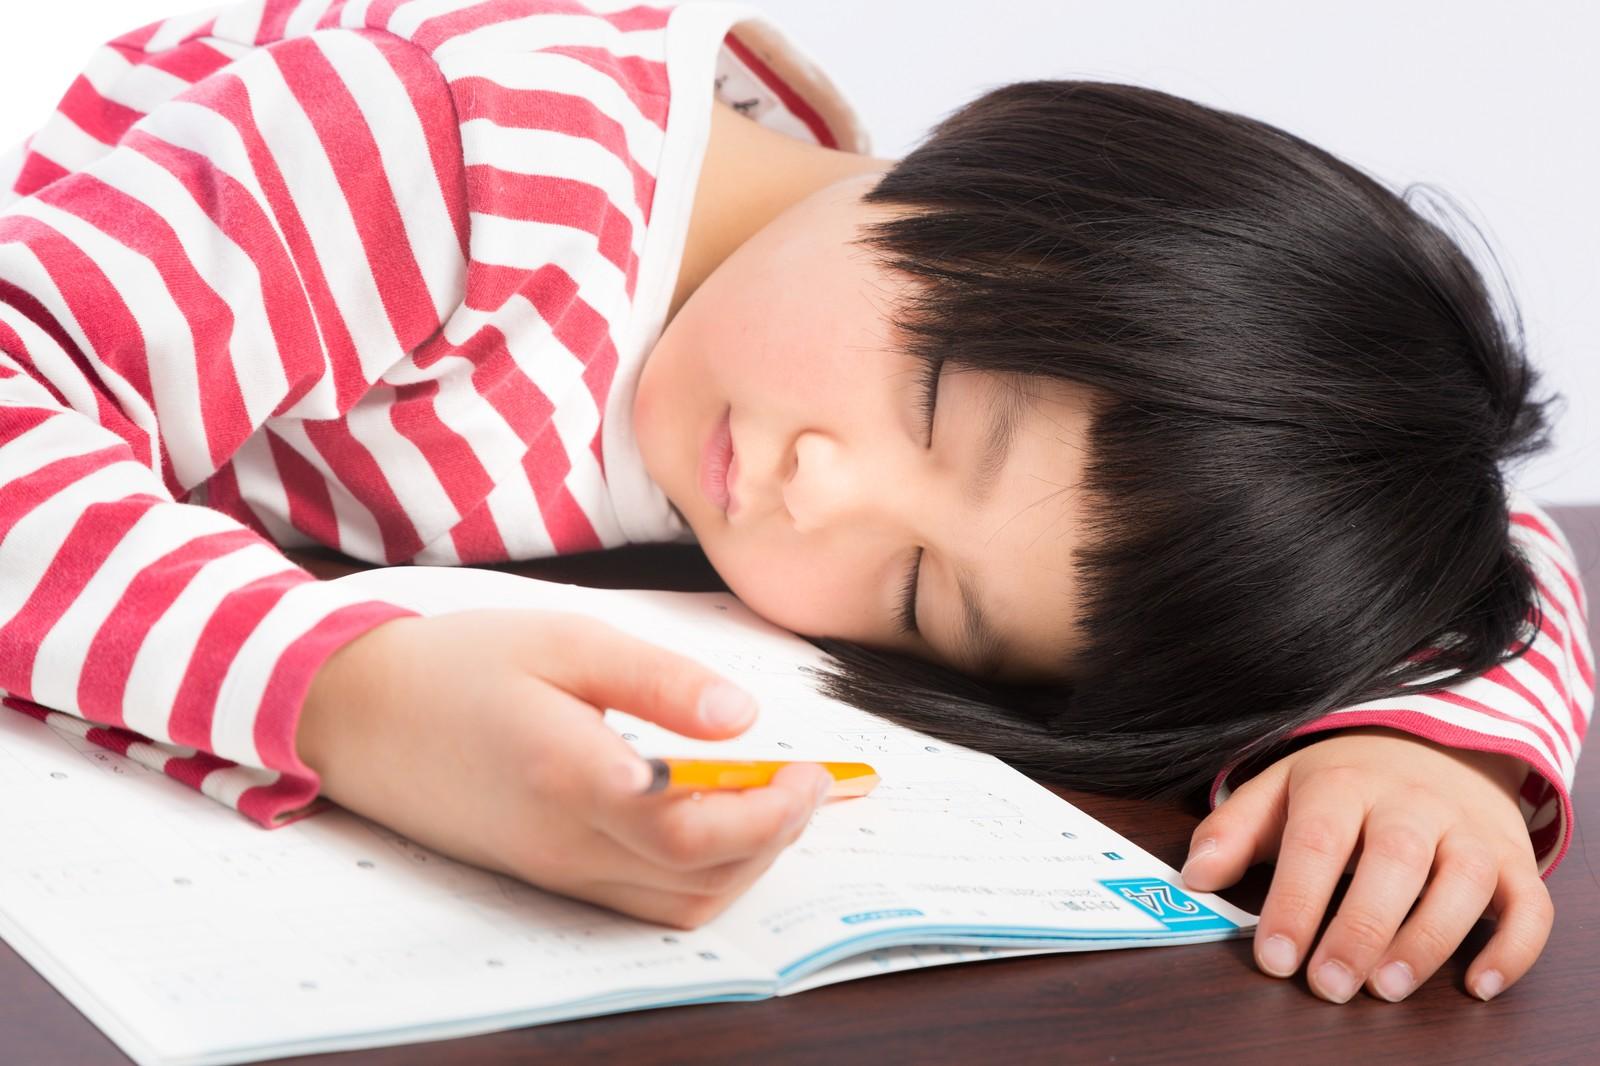 幼稚園や小学校は積極的に休ませてもいいのかもしれない。